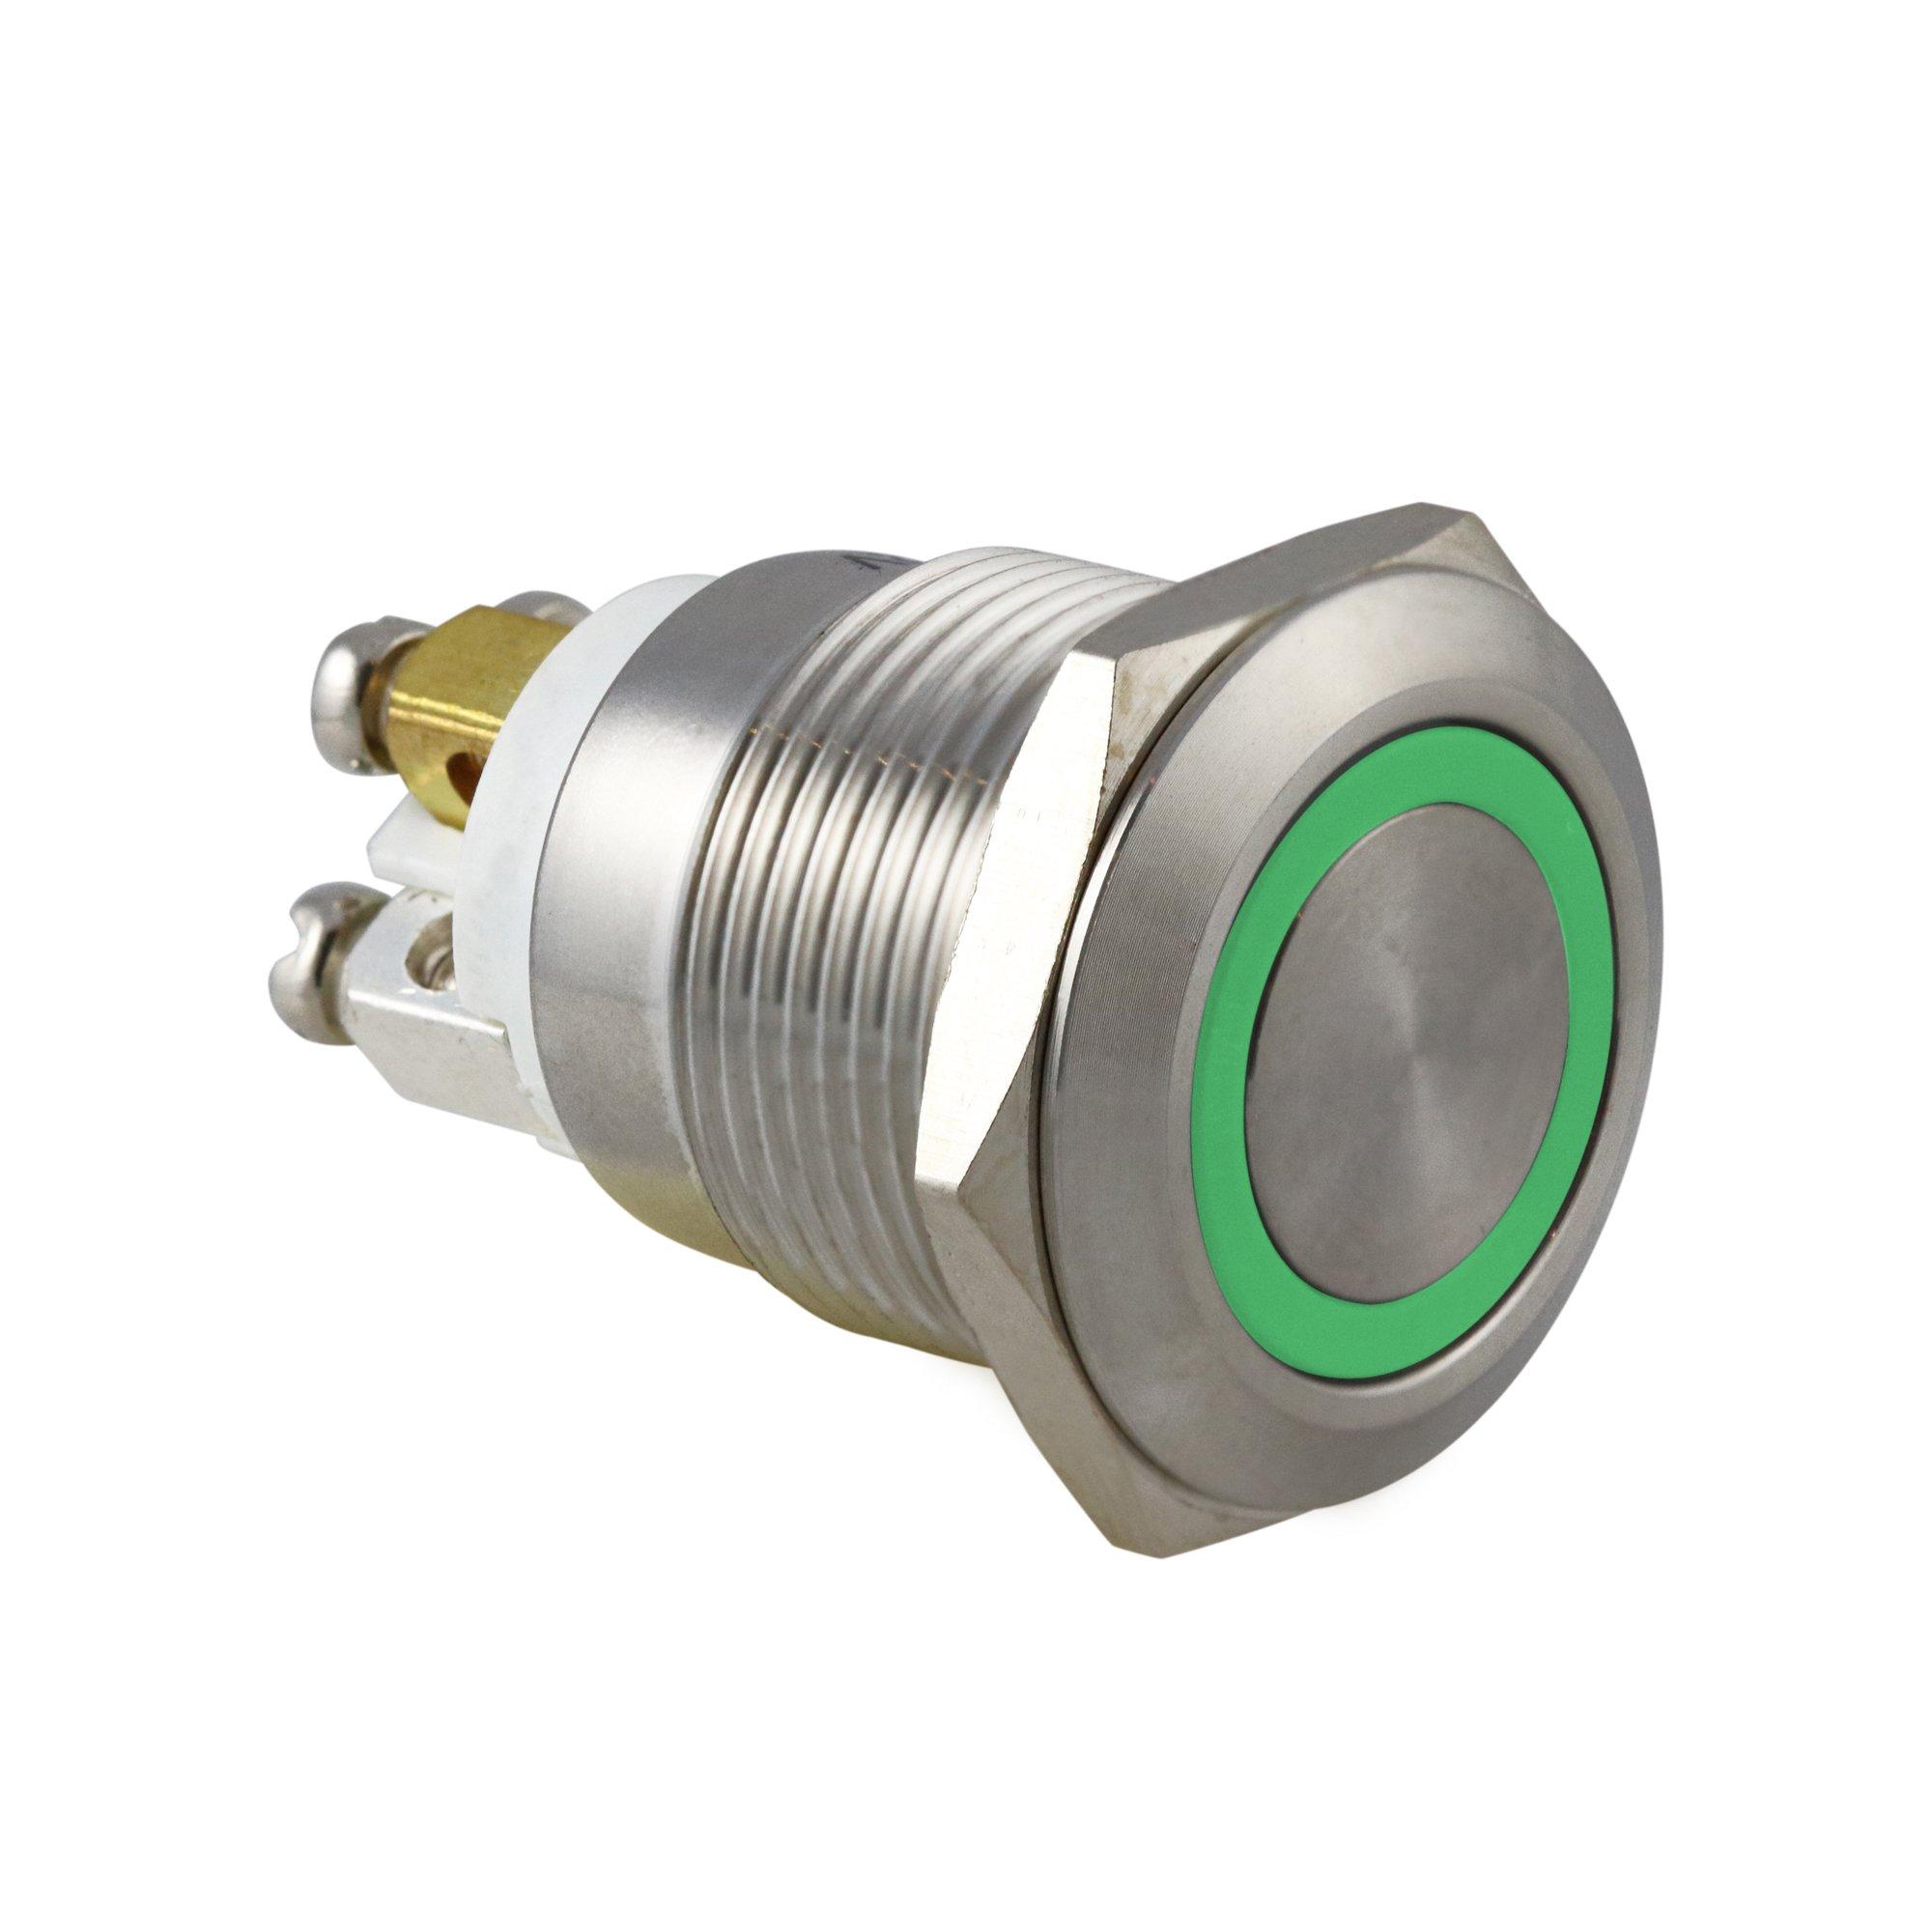 19mm Green Ring Vandal Switch - AB-AV-941